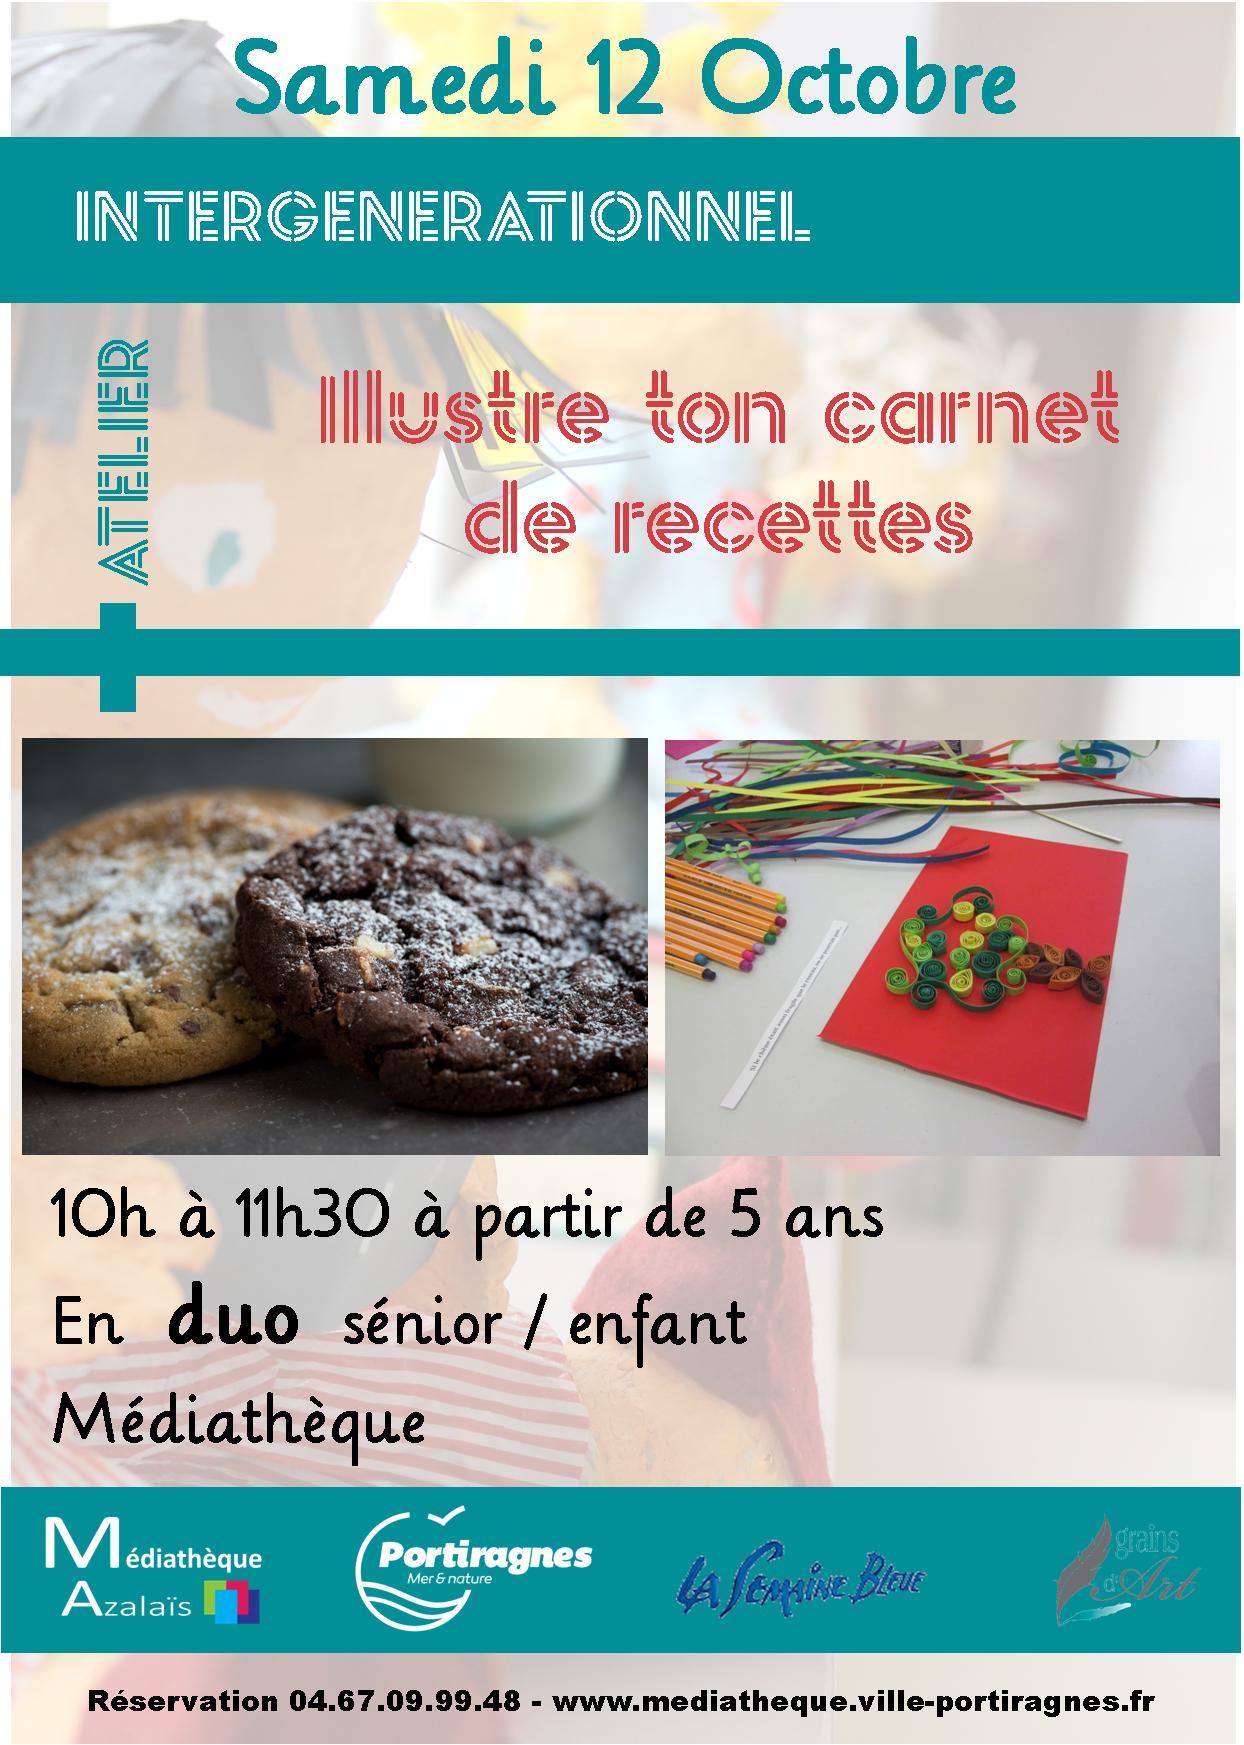 Atelier » Illustre ton carnet de recettes»